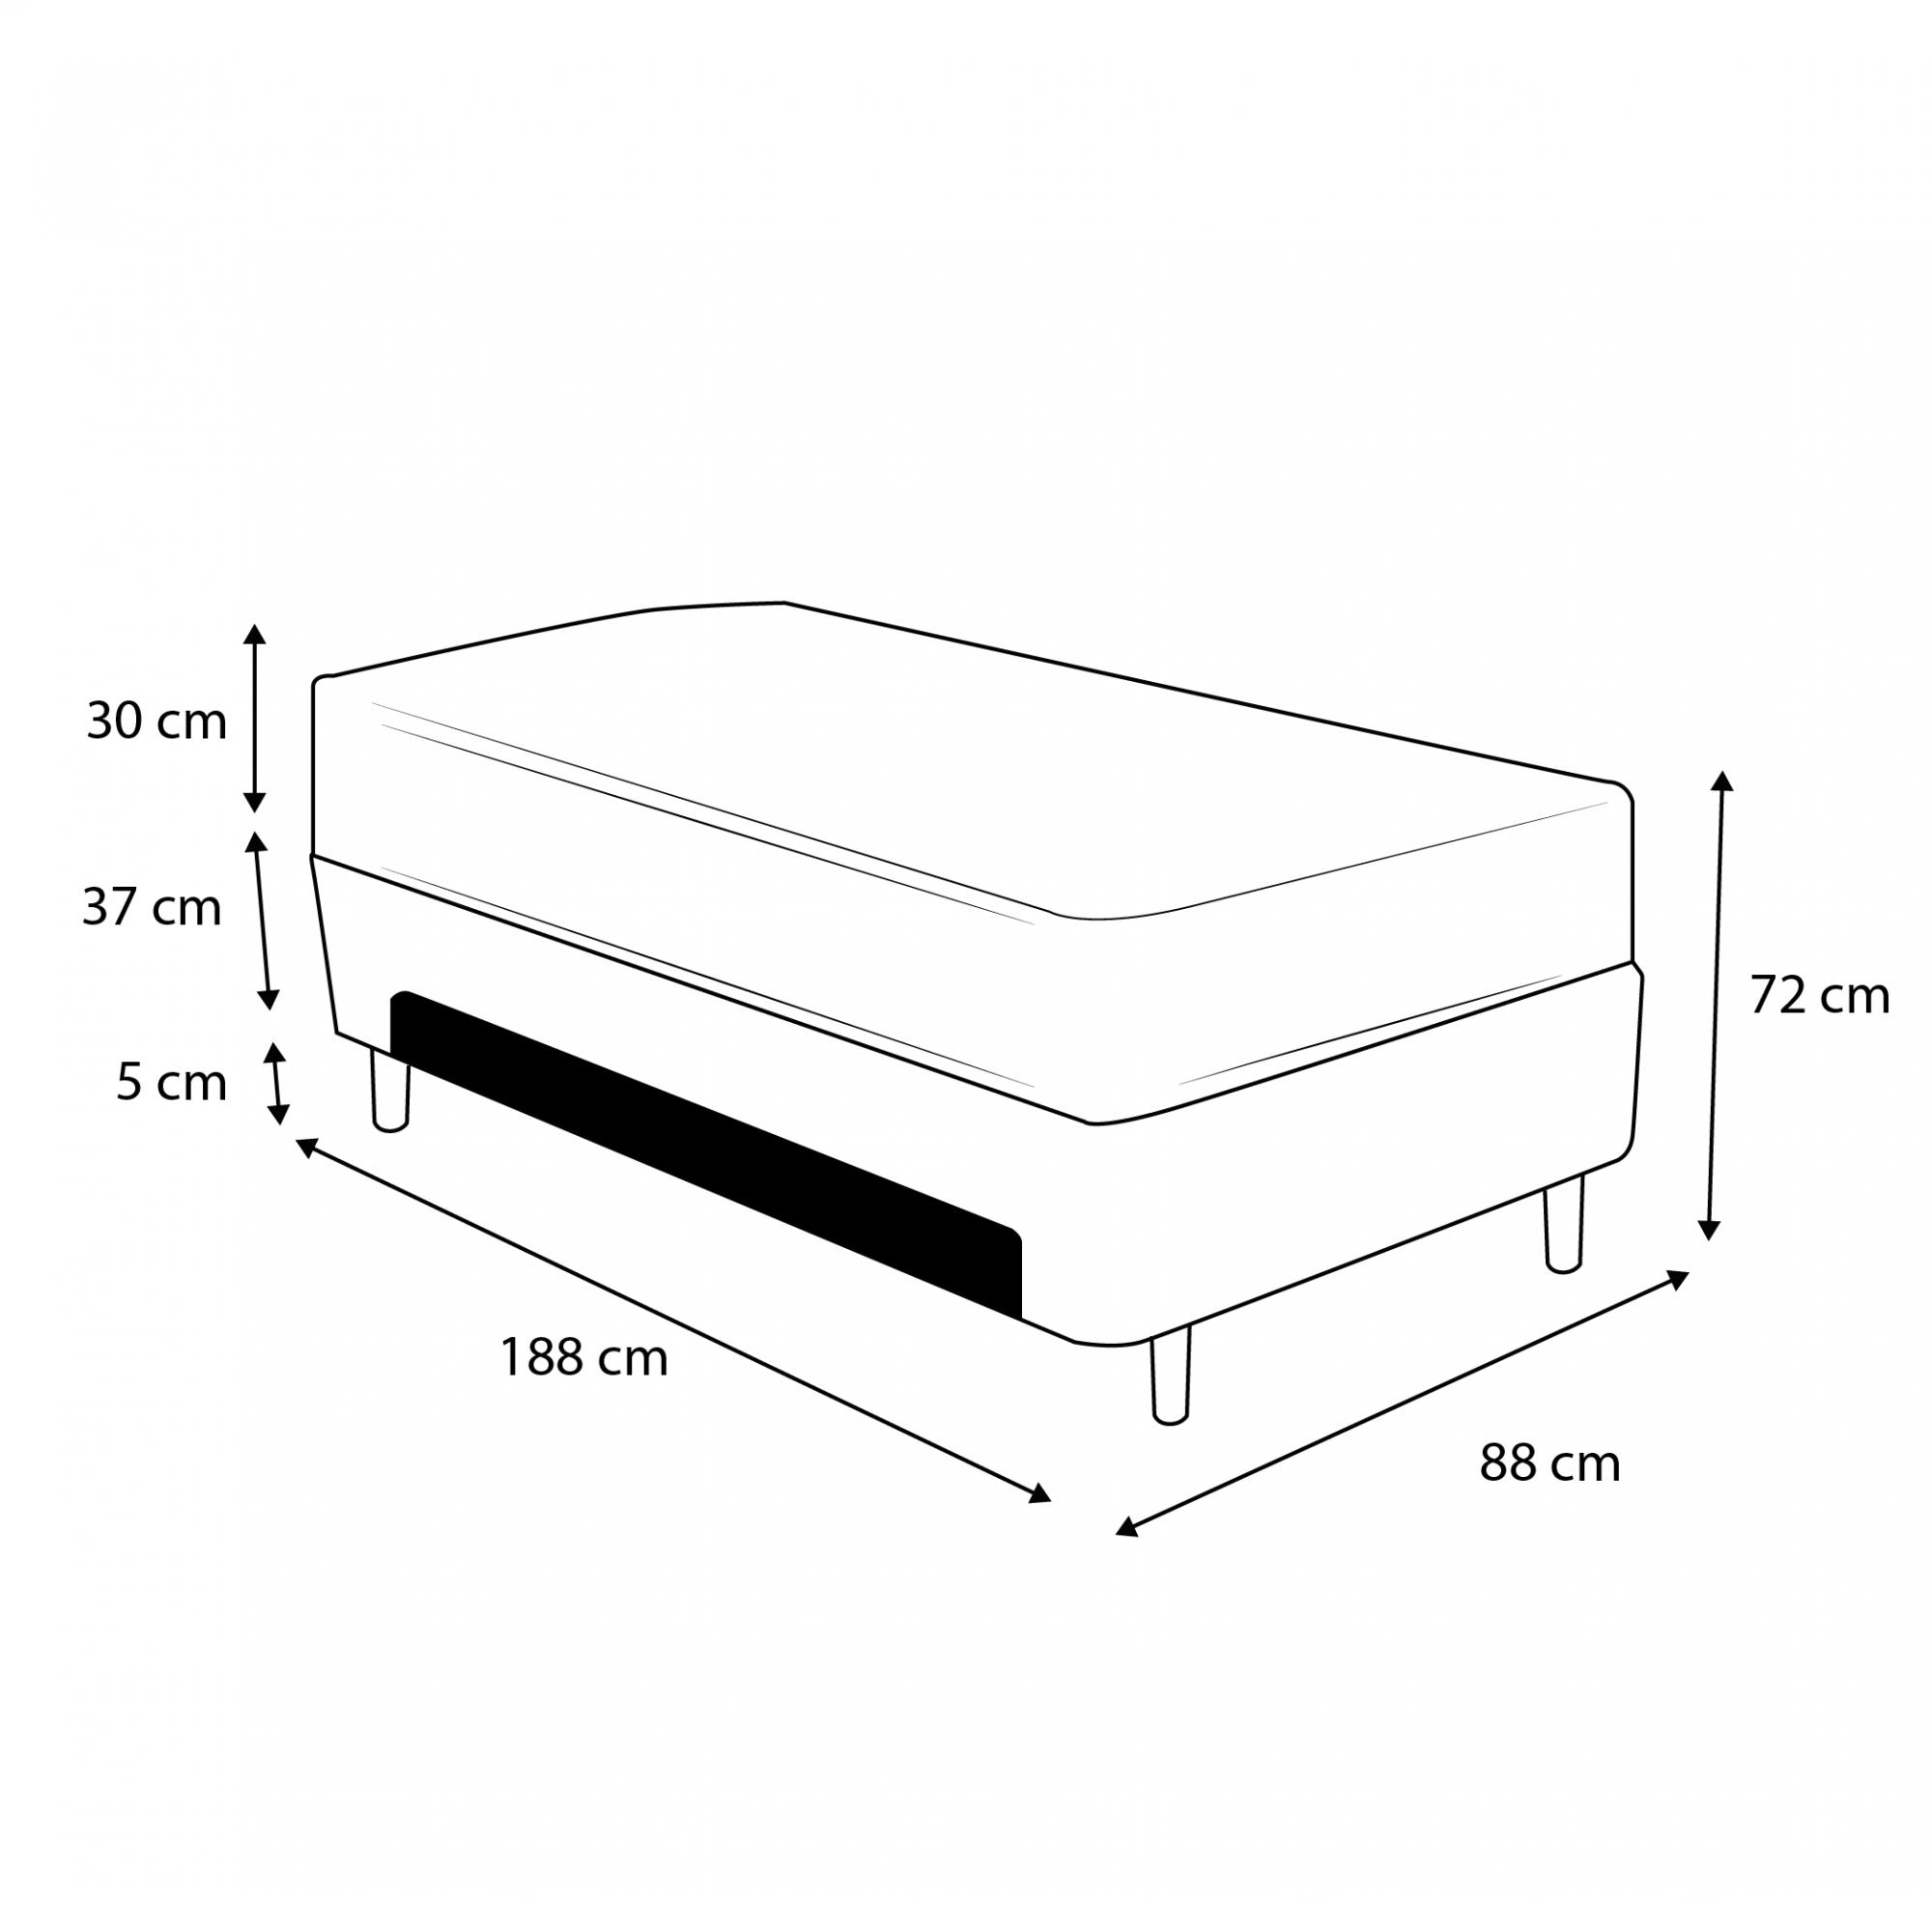 Cama Box Baú Auxiliar Solteiro Marrom + Colchão Comfort Maxx Extra Firme D33 Solteiro - Comfort Prime 88x188x72cm